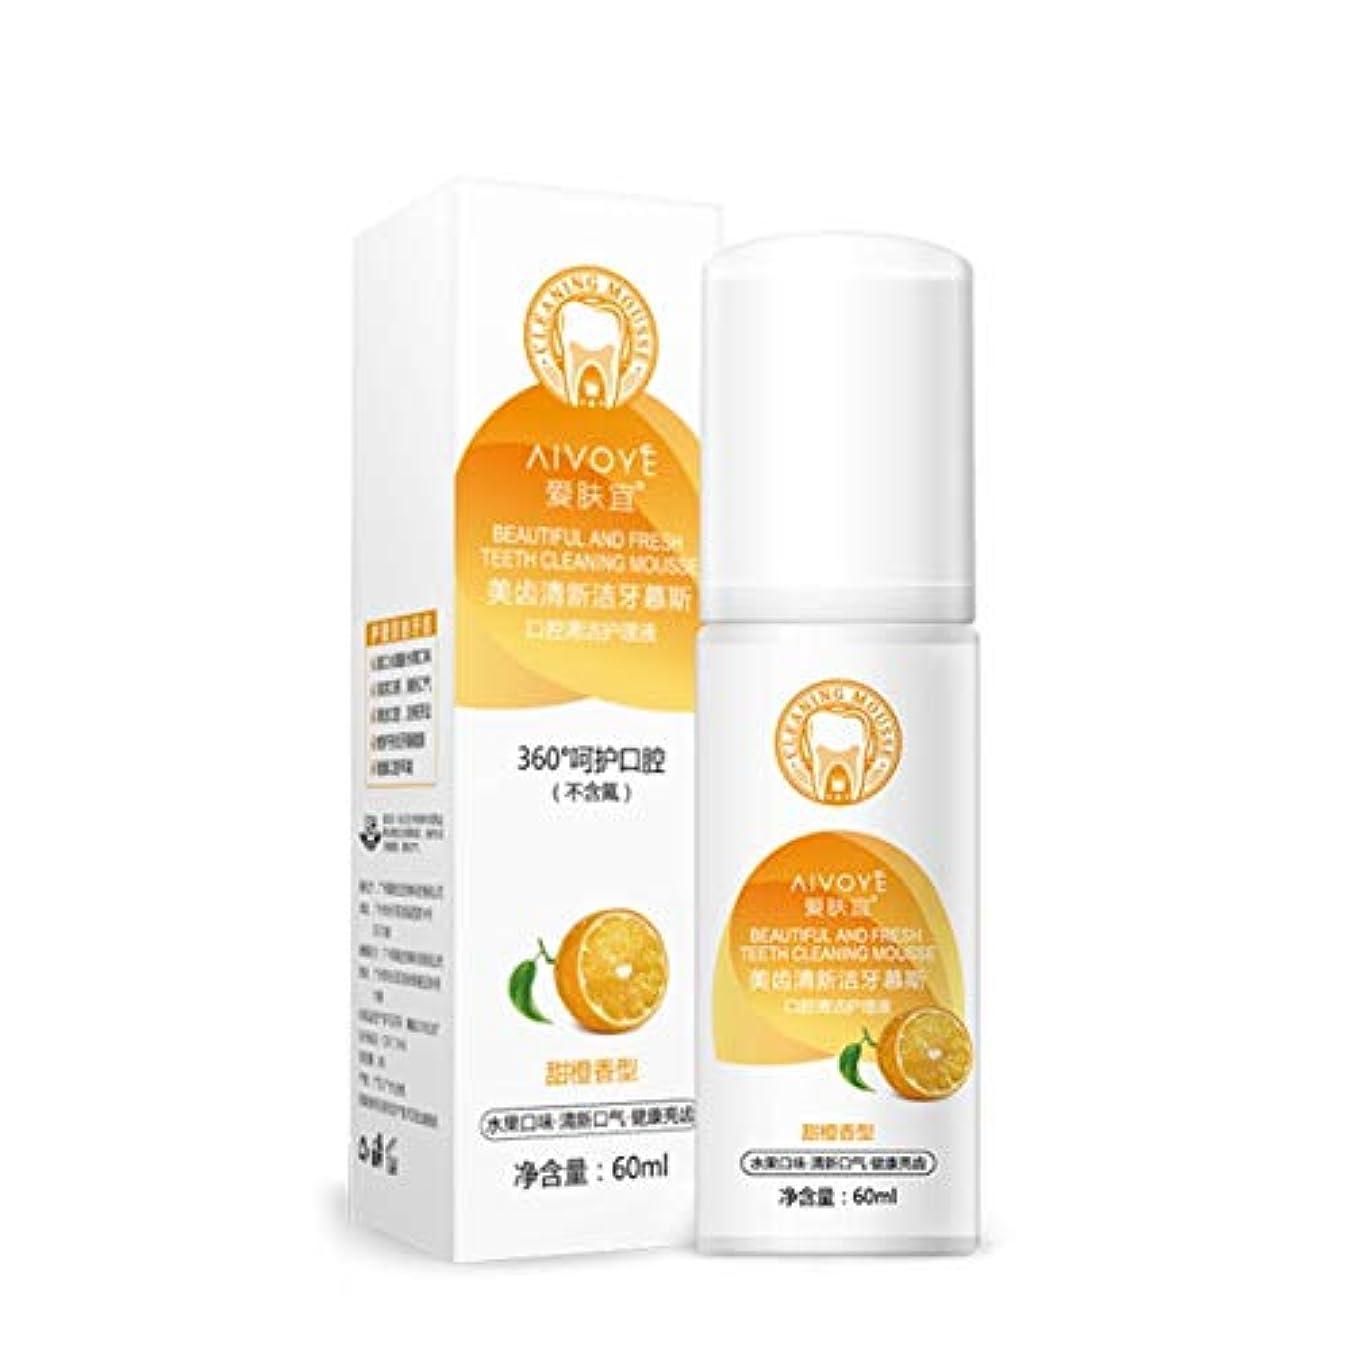 嵐の意味いわゆるオレンジハーブミント新鮮な歯磨き粉は歯肉炎歯磨きをきれいにして清潔な歯を磨きます汚れ口臭プラーク - オレンジ